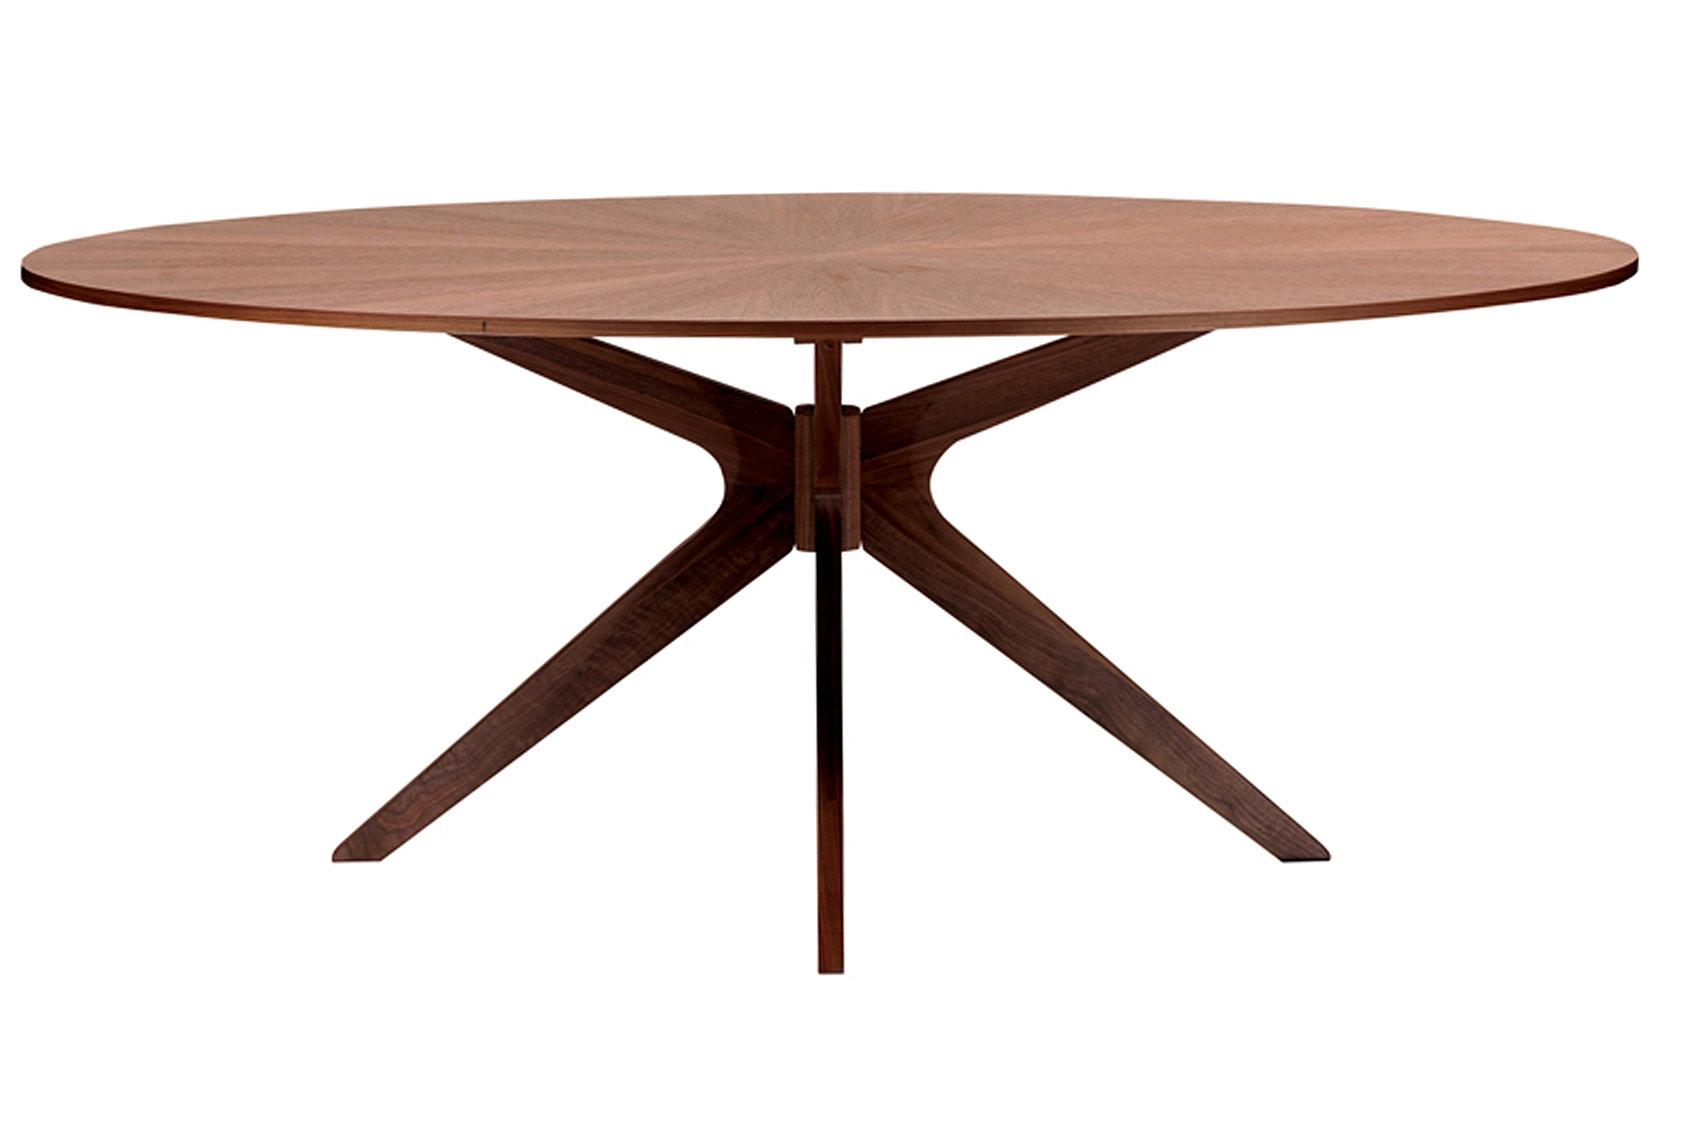 STAR table walnut veneer : 9492827f6ae61884f147d17753aec0c5355226jpgsrz1701113485220501200 from www.dan-form.com size 1701 x 1134 jpeg 89kB